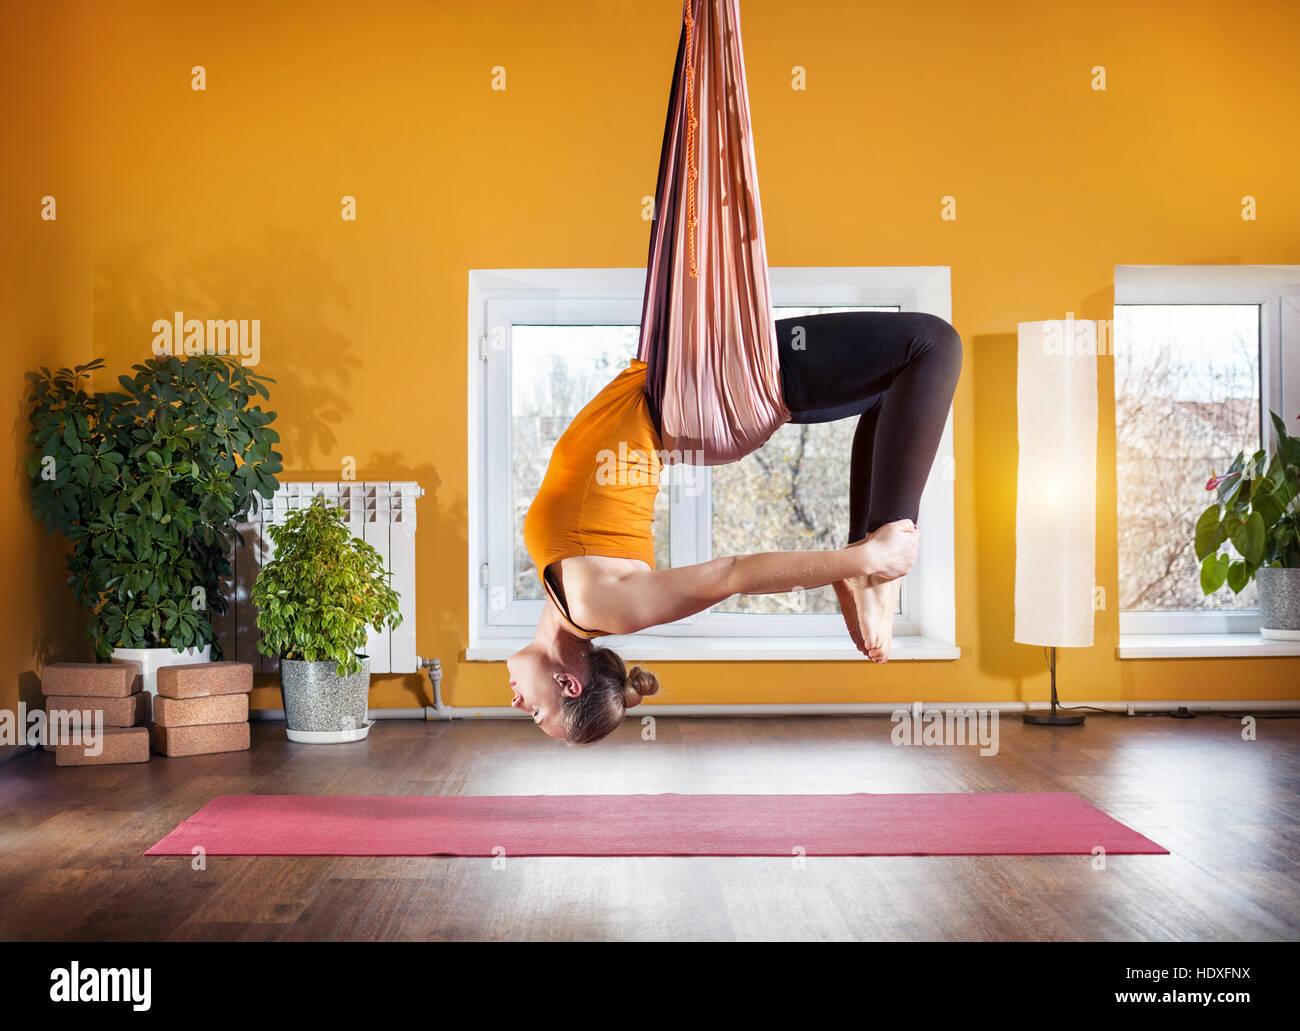 Young woman doing yoga anti-gravité vers l'arrière position de flexion au studio avec des murs jaunes Photo Stock